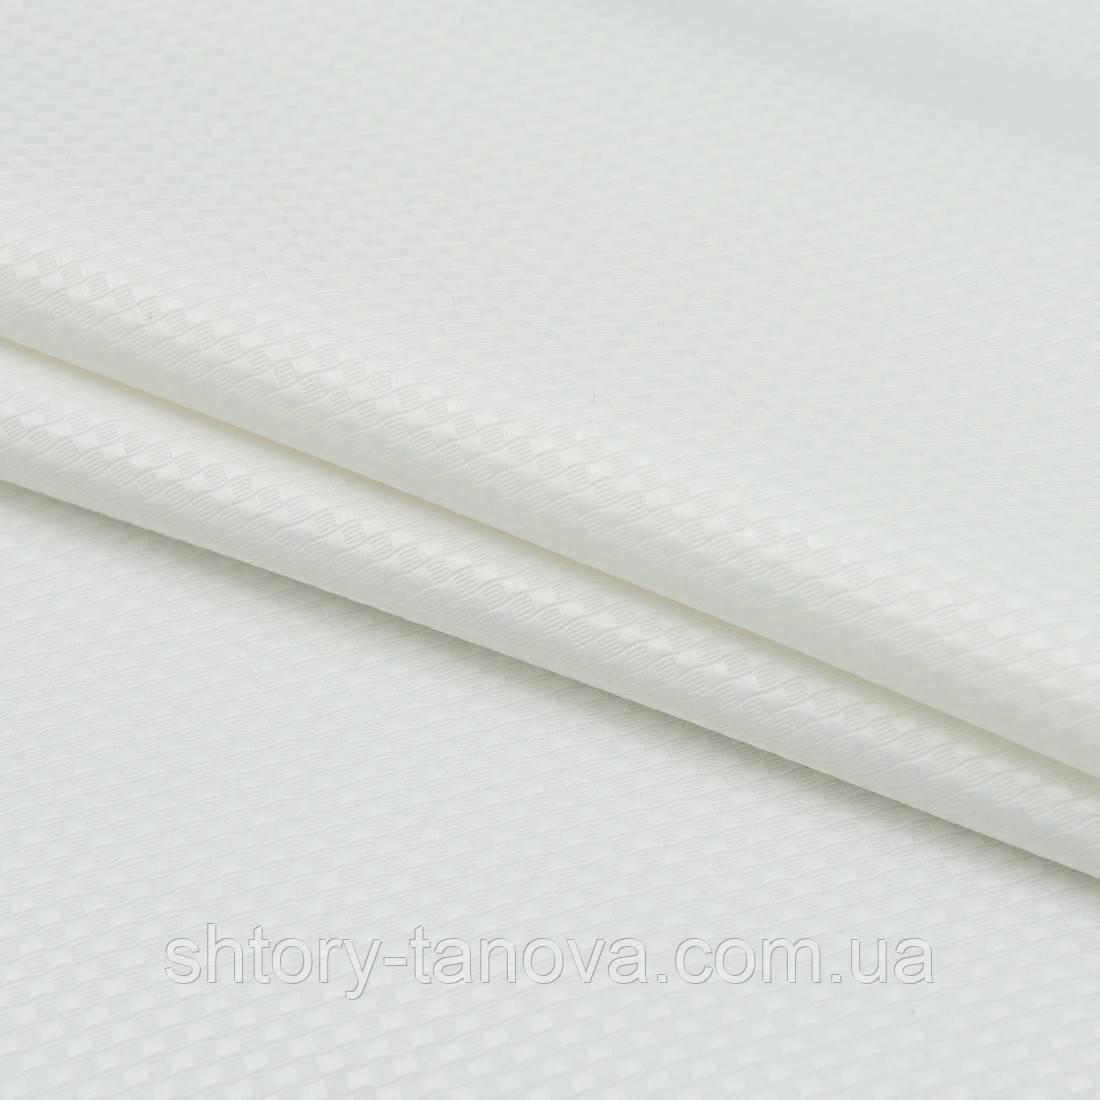 Ткань с акриловой пропиткой колин /colin /пике молочный